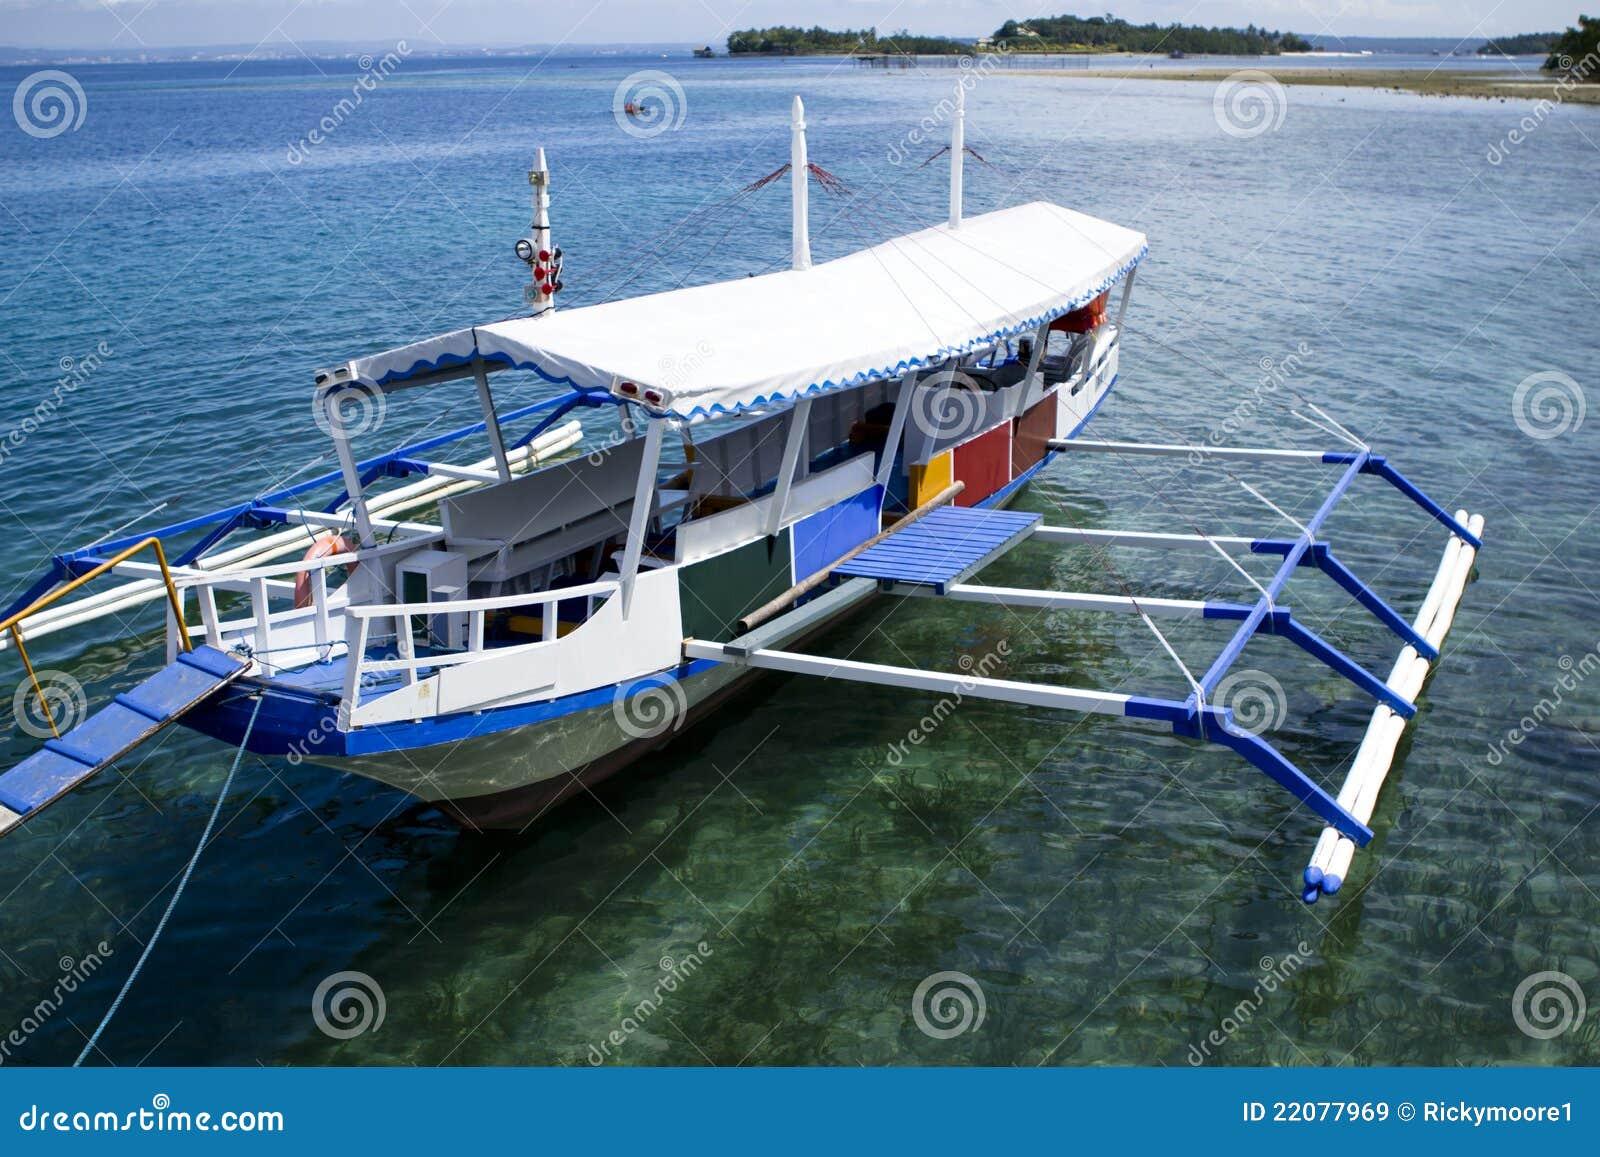 Philippine Bangka Boat Royalty Free Stock Images - Image: 22077969